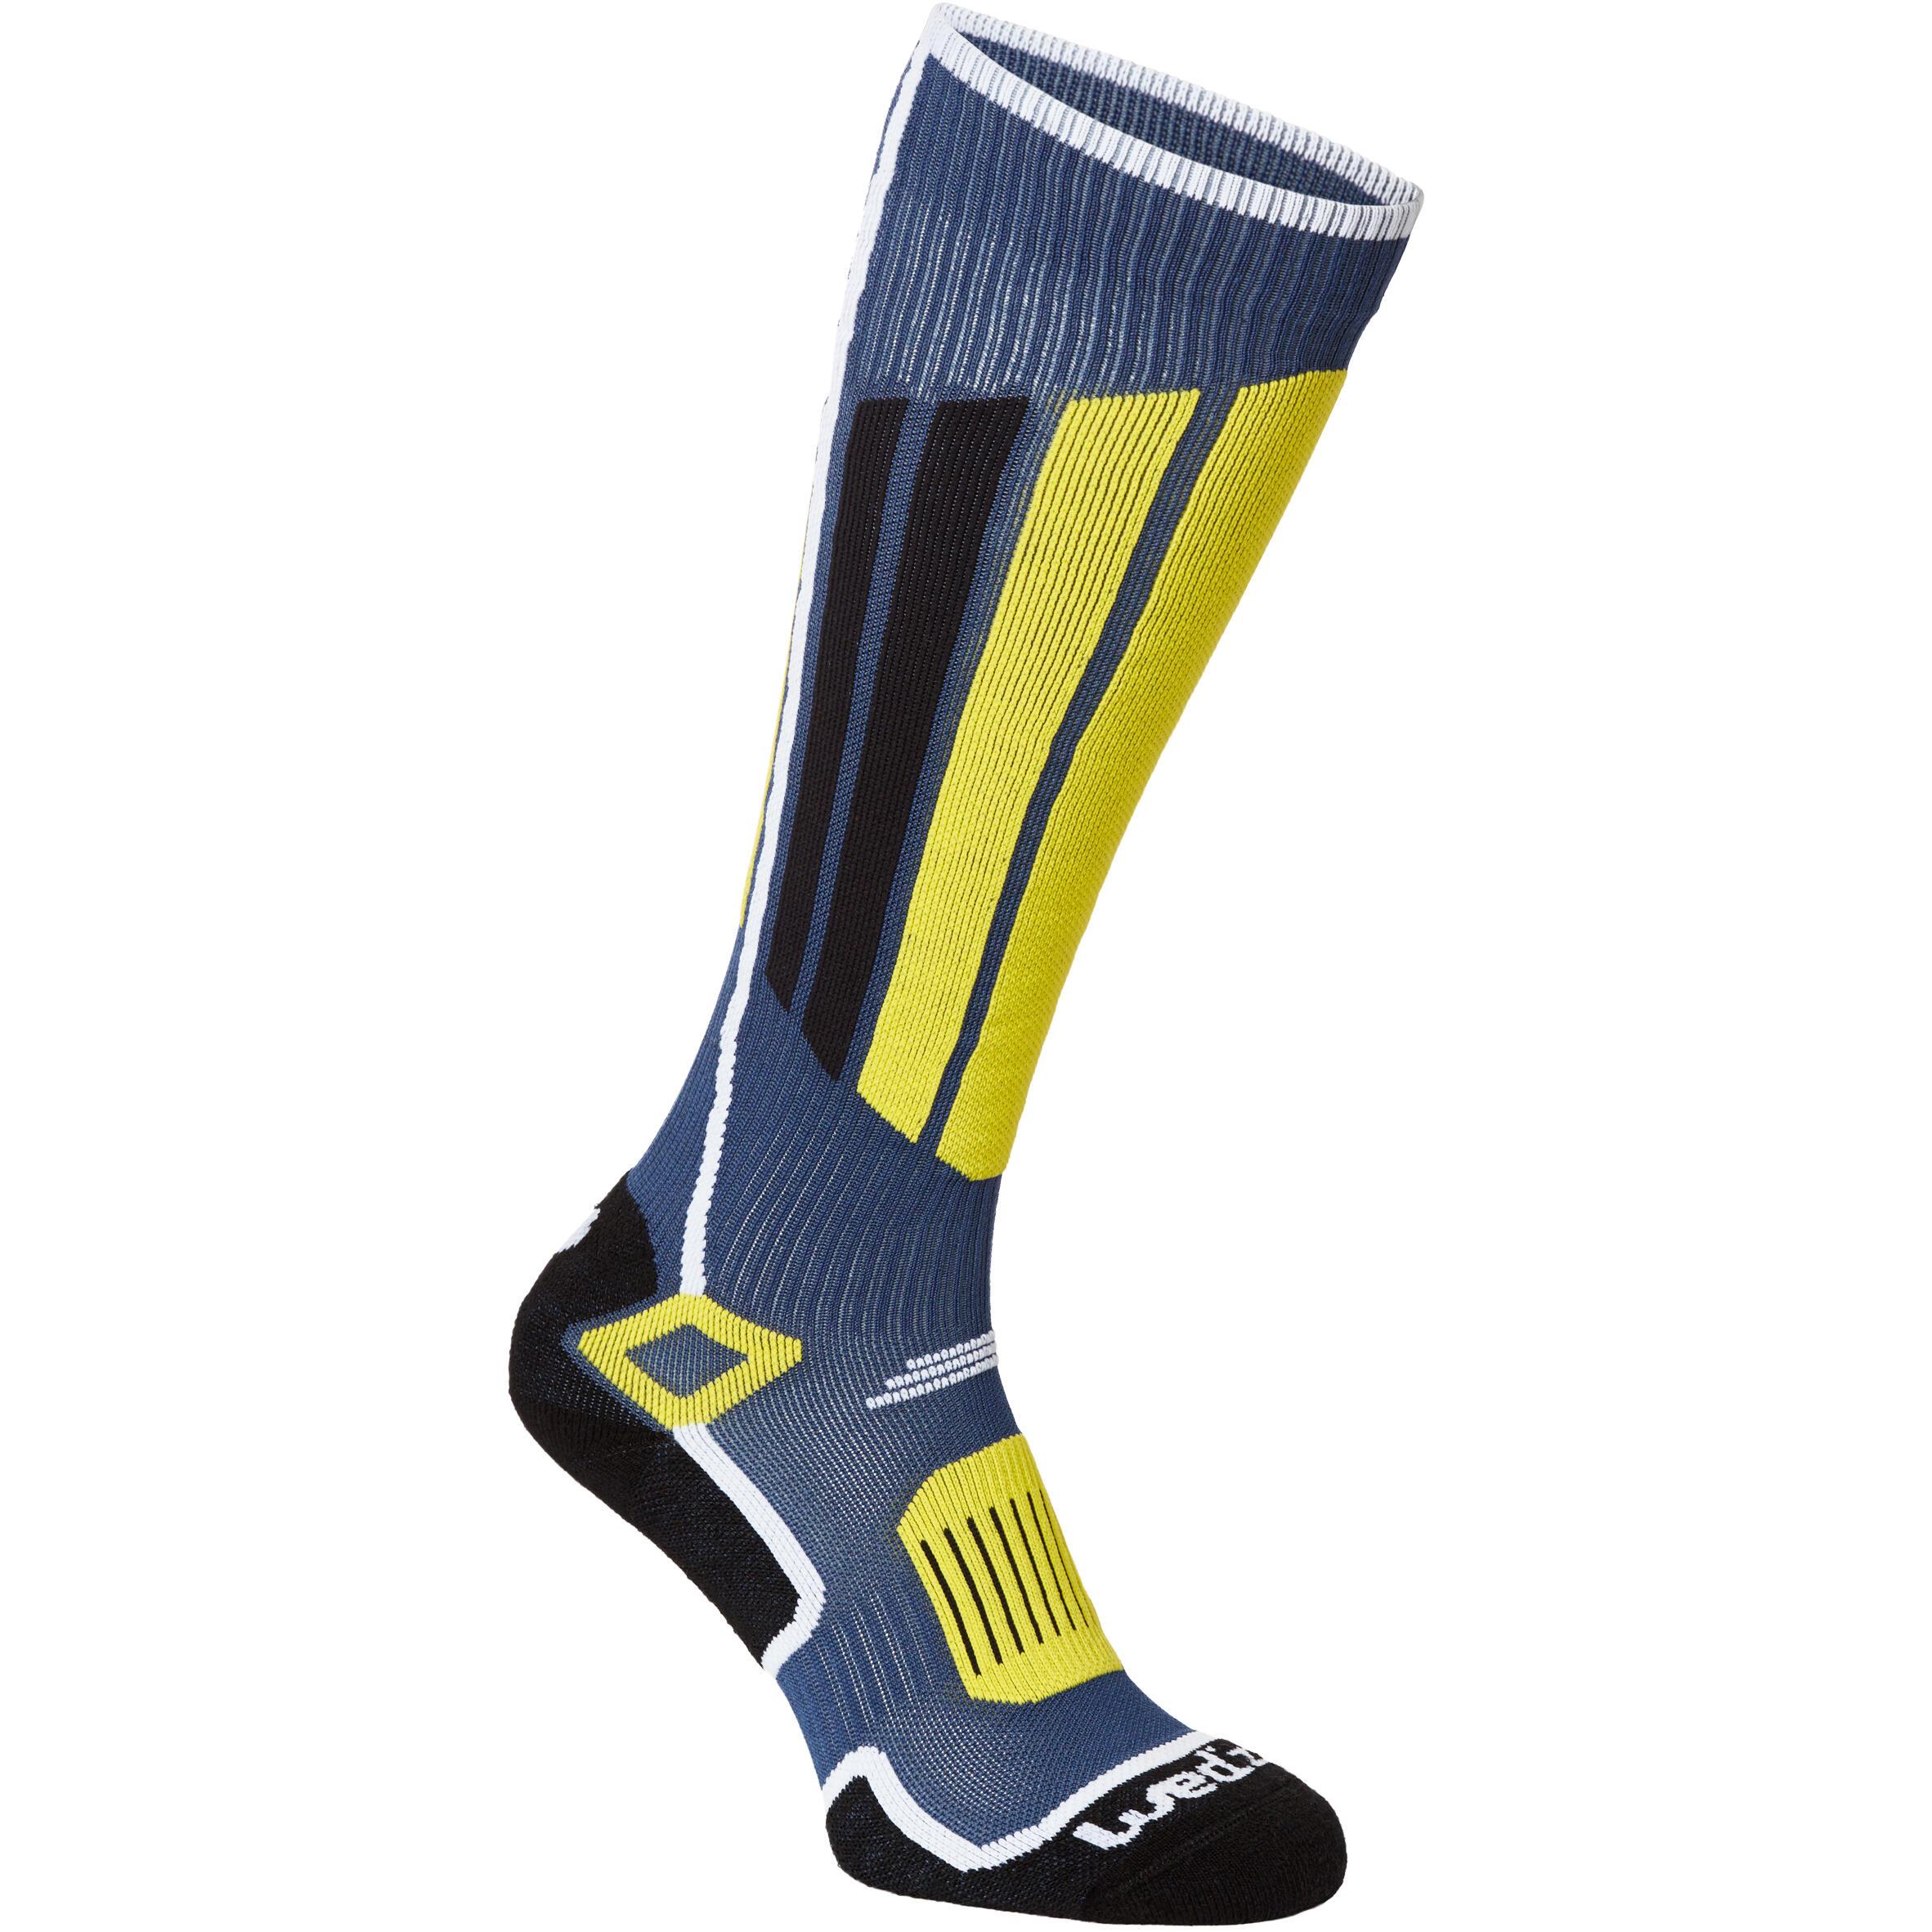 Skisocken 500 Erwachsene blau/gelb | Sportbekleidung > Funktionswäsche > Skisocken | Blau - Gelb - Weiß | Wolle - Polyamid | Wed´ze